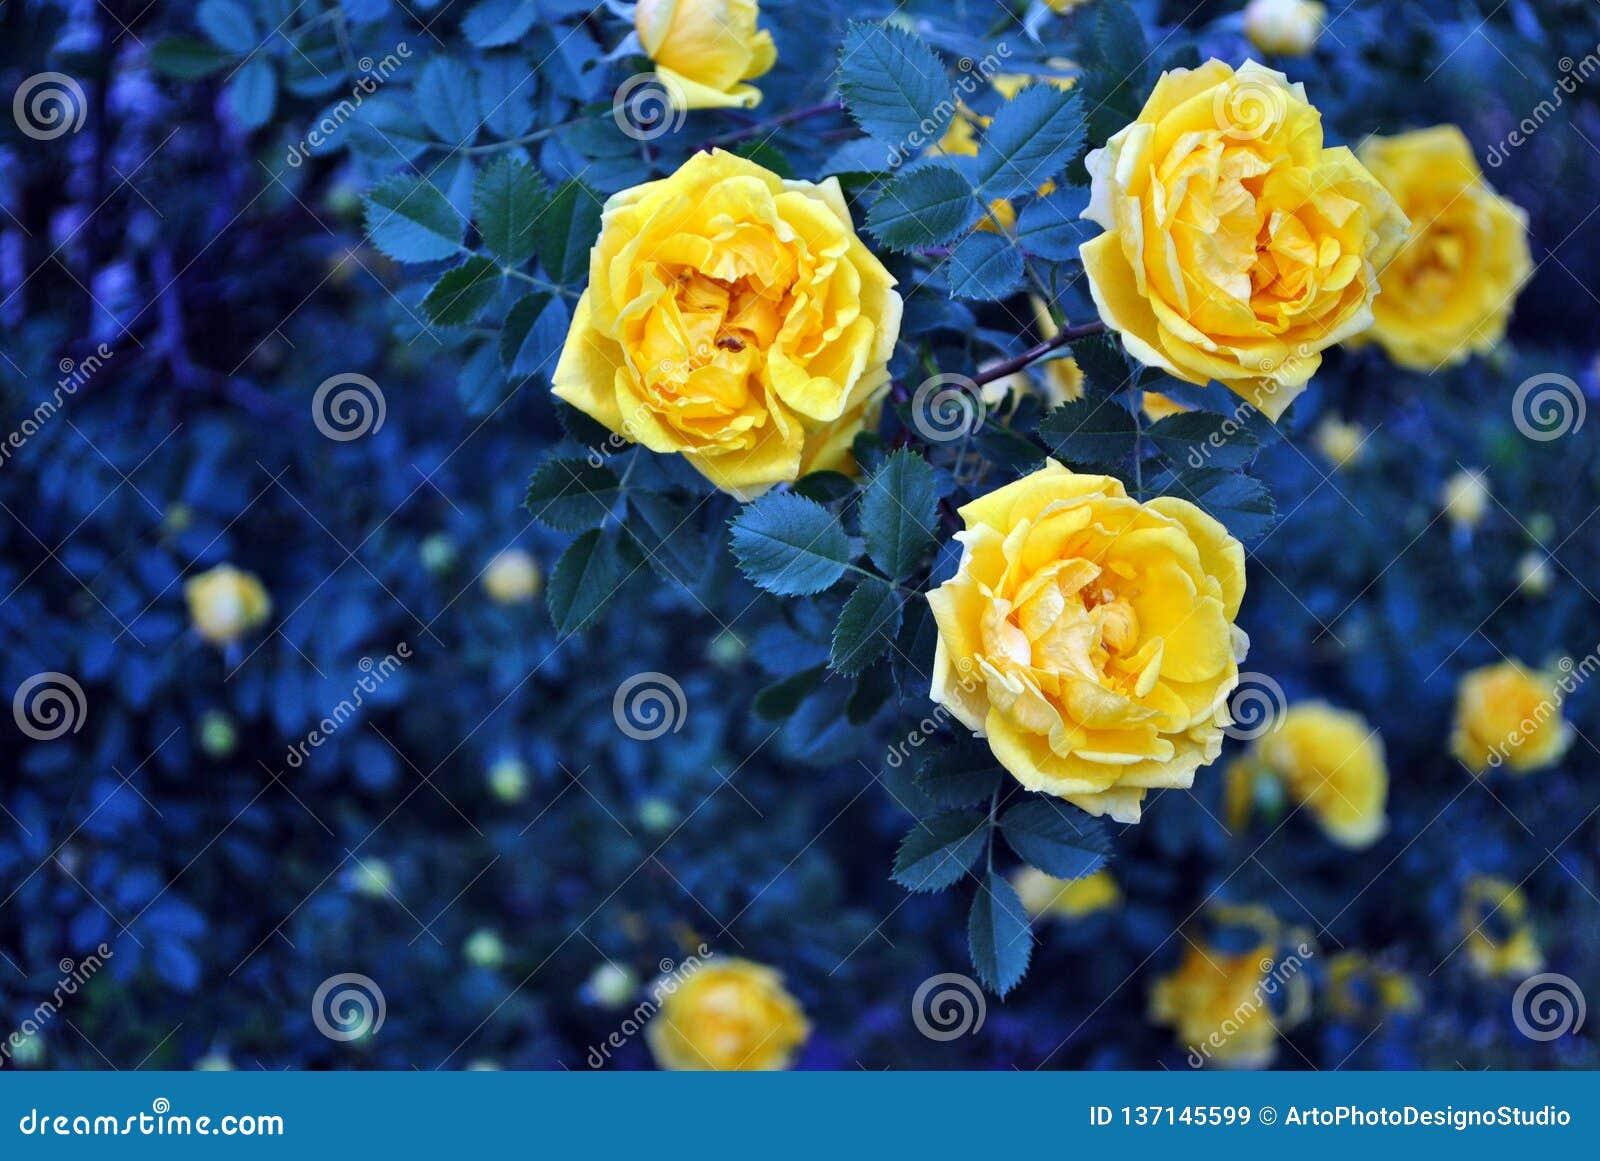 黄色玫瑰色开花在灌木,黑暗的绿松石绿的叶子背景的花和芽